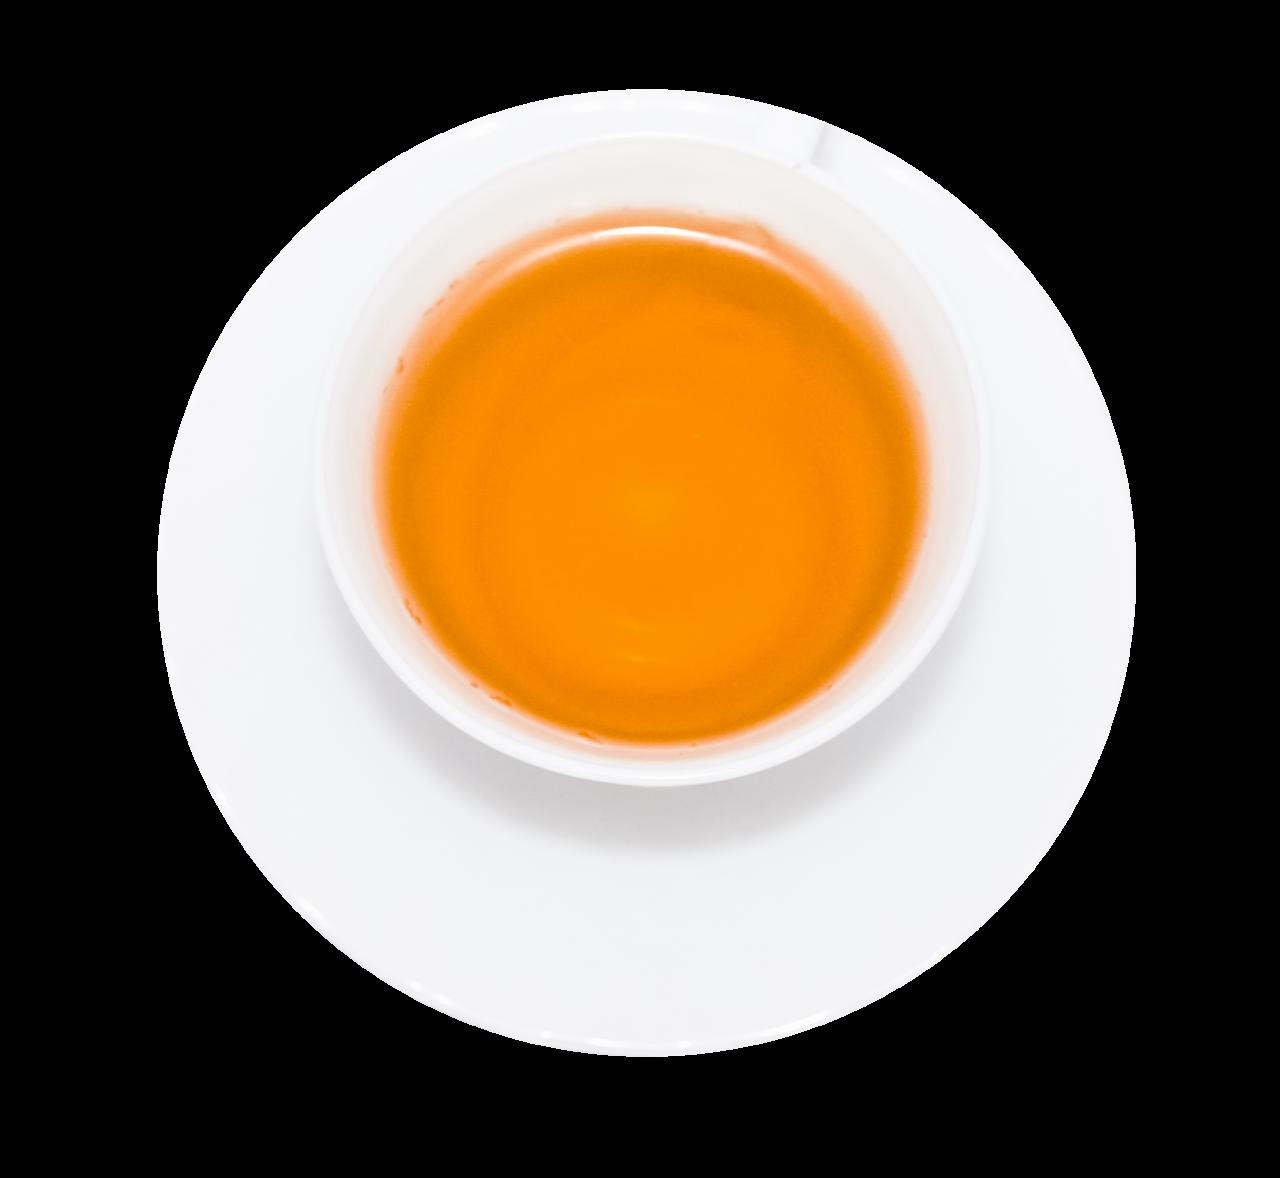 Tea Cup PNG Image